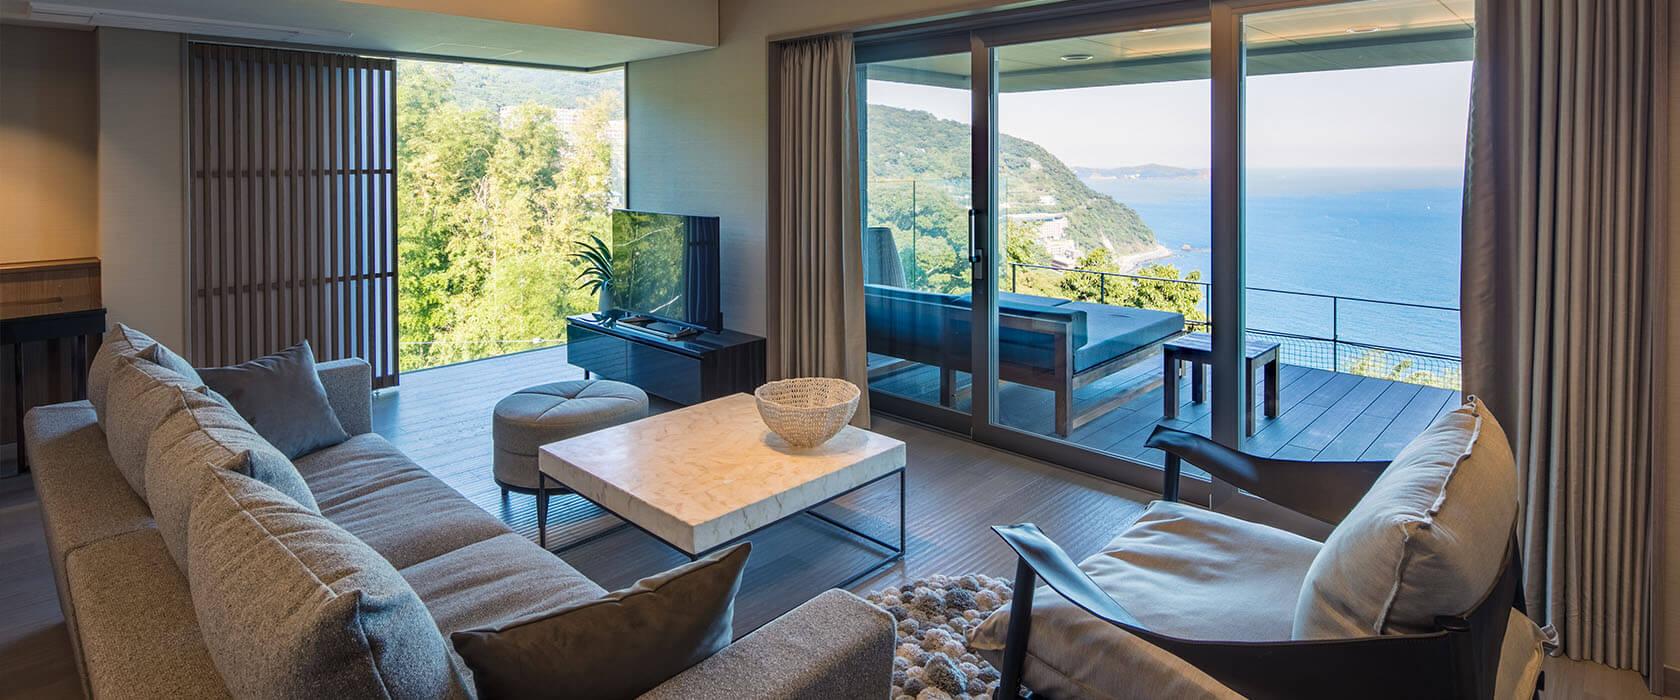 熱海の高級旅館 ATAMI せかいえの客室画像②